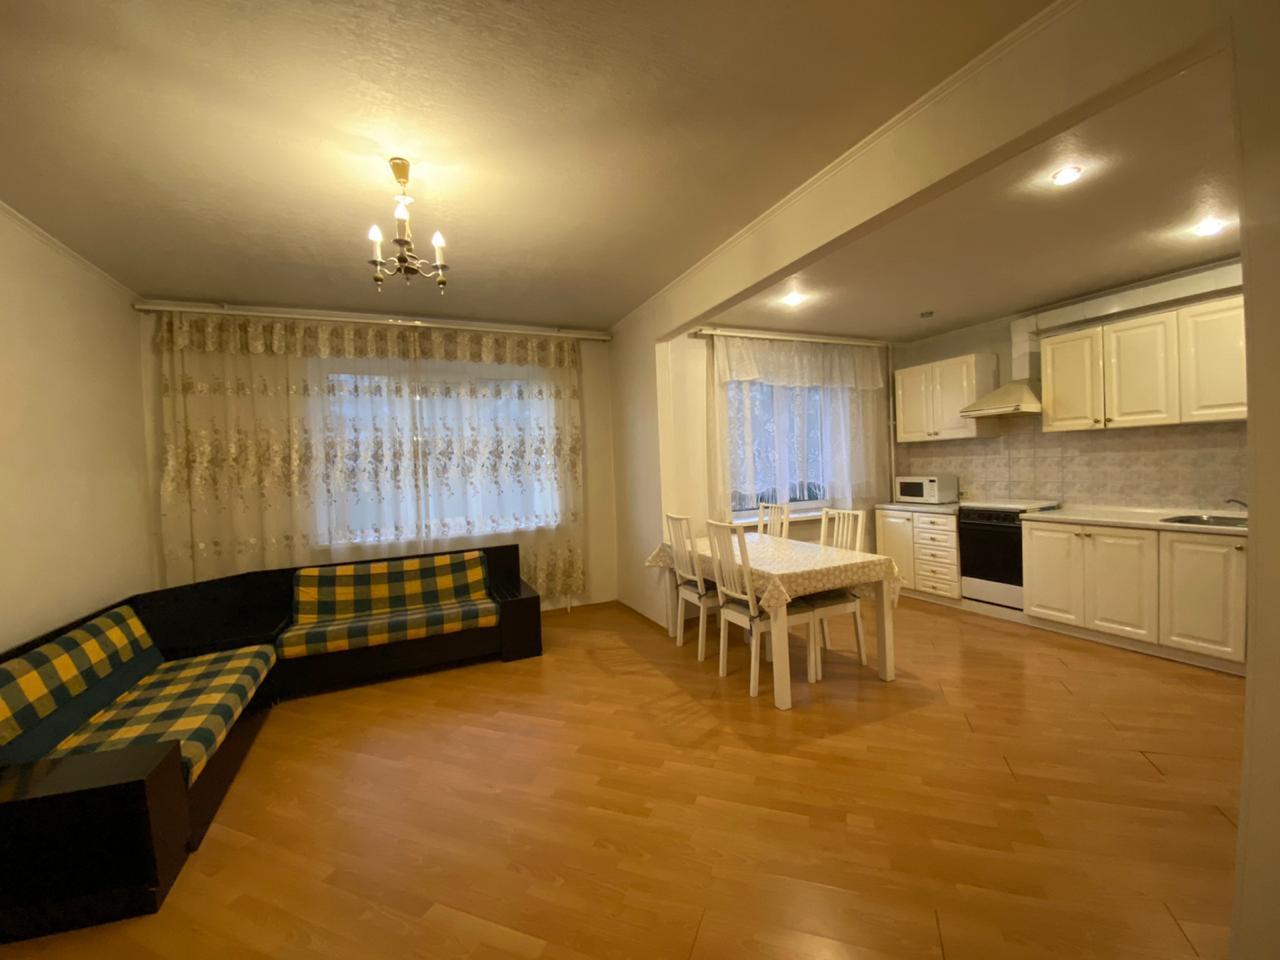 Продажа 3-к квартиры адоратского, 32